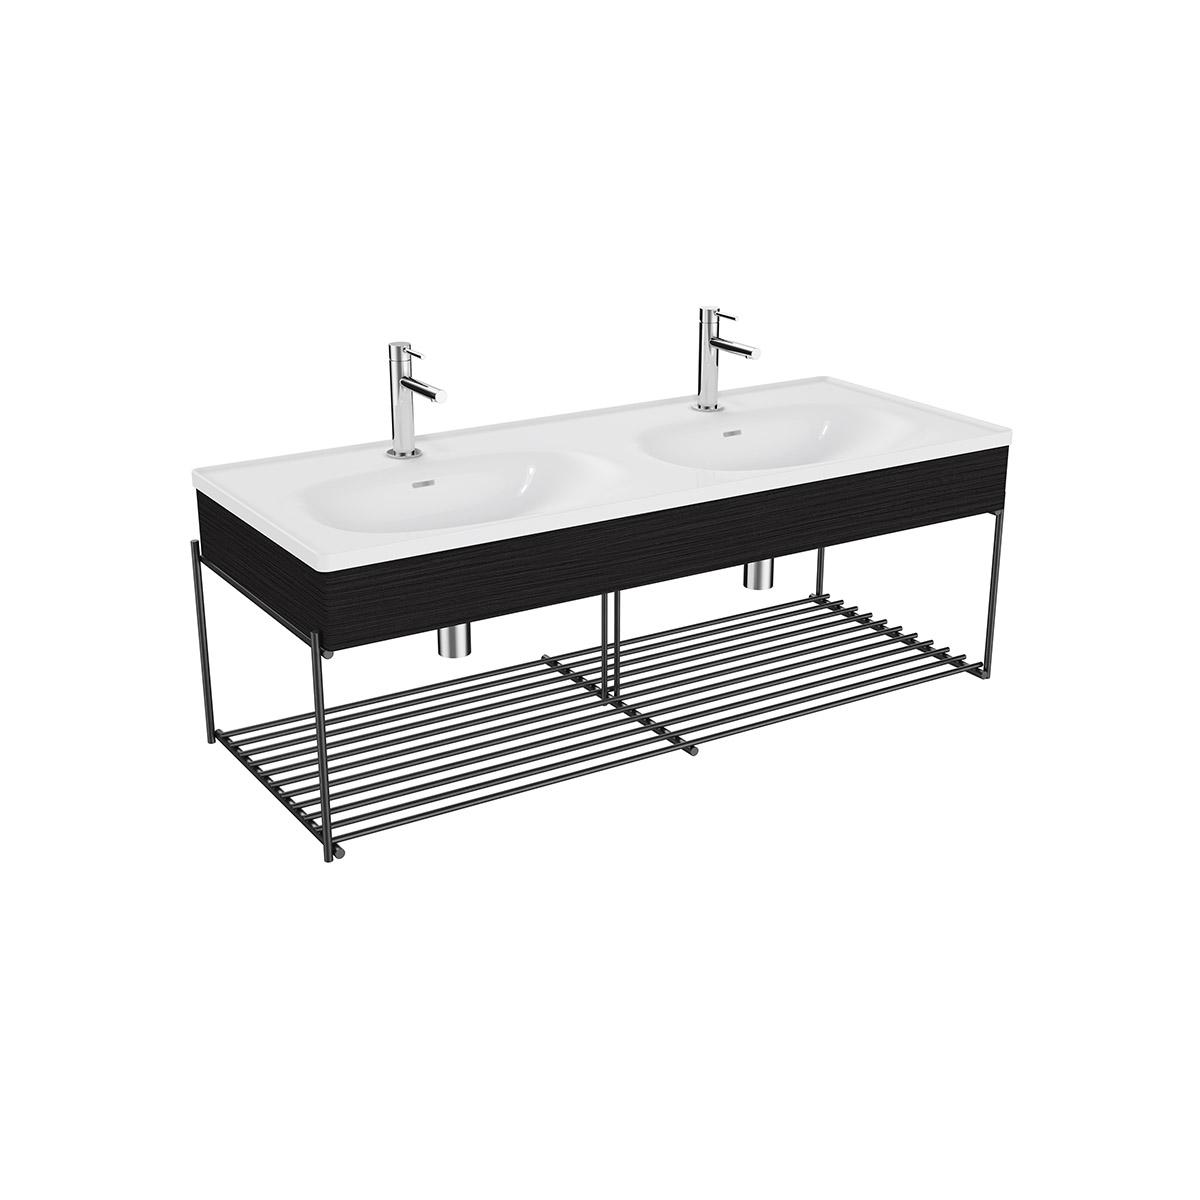 Equal Set Doppelwaschtisch, 130 cm, mit Holzblende und Ablagegitter, Weiß Hochglanz/Schwarz-Eiche